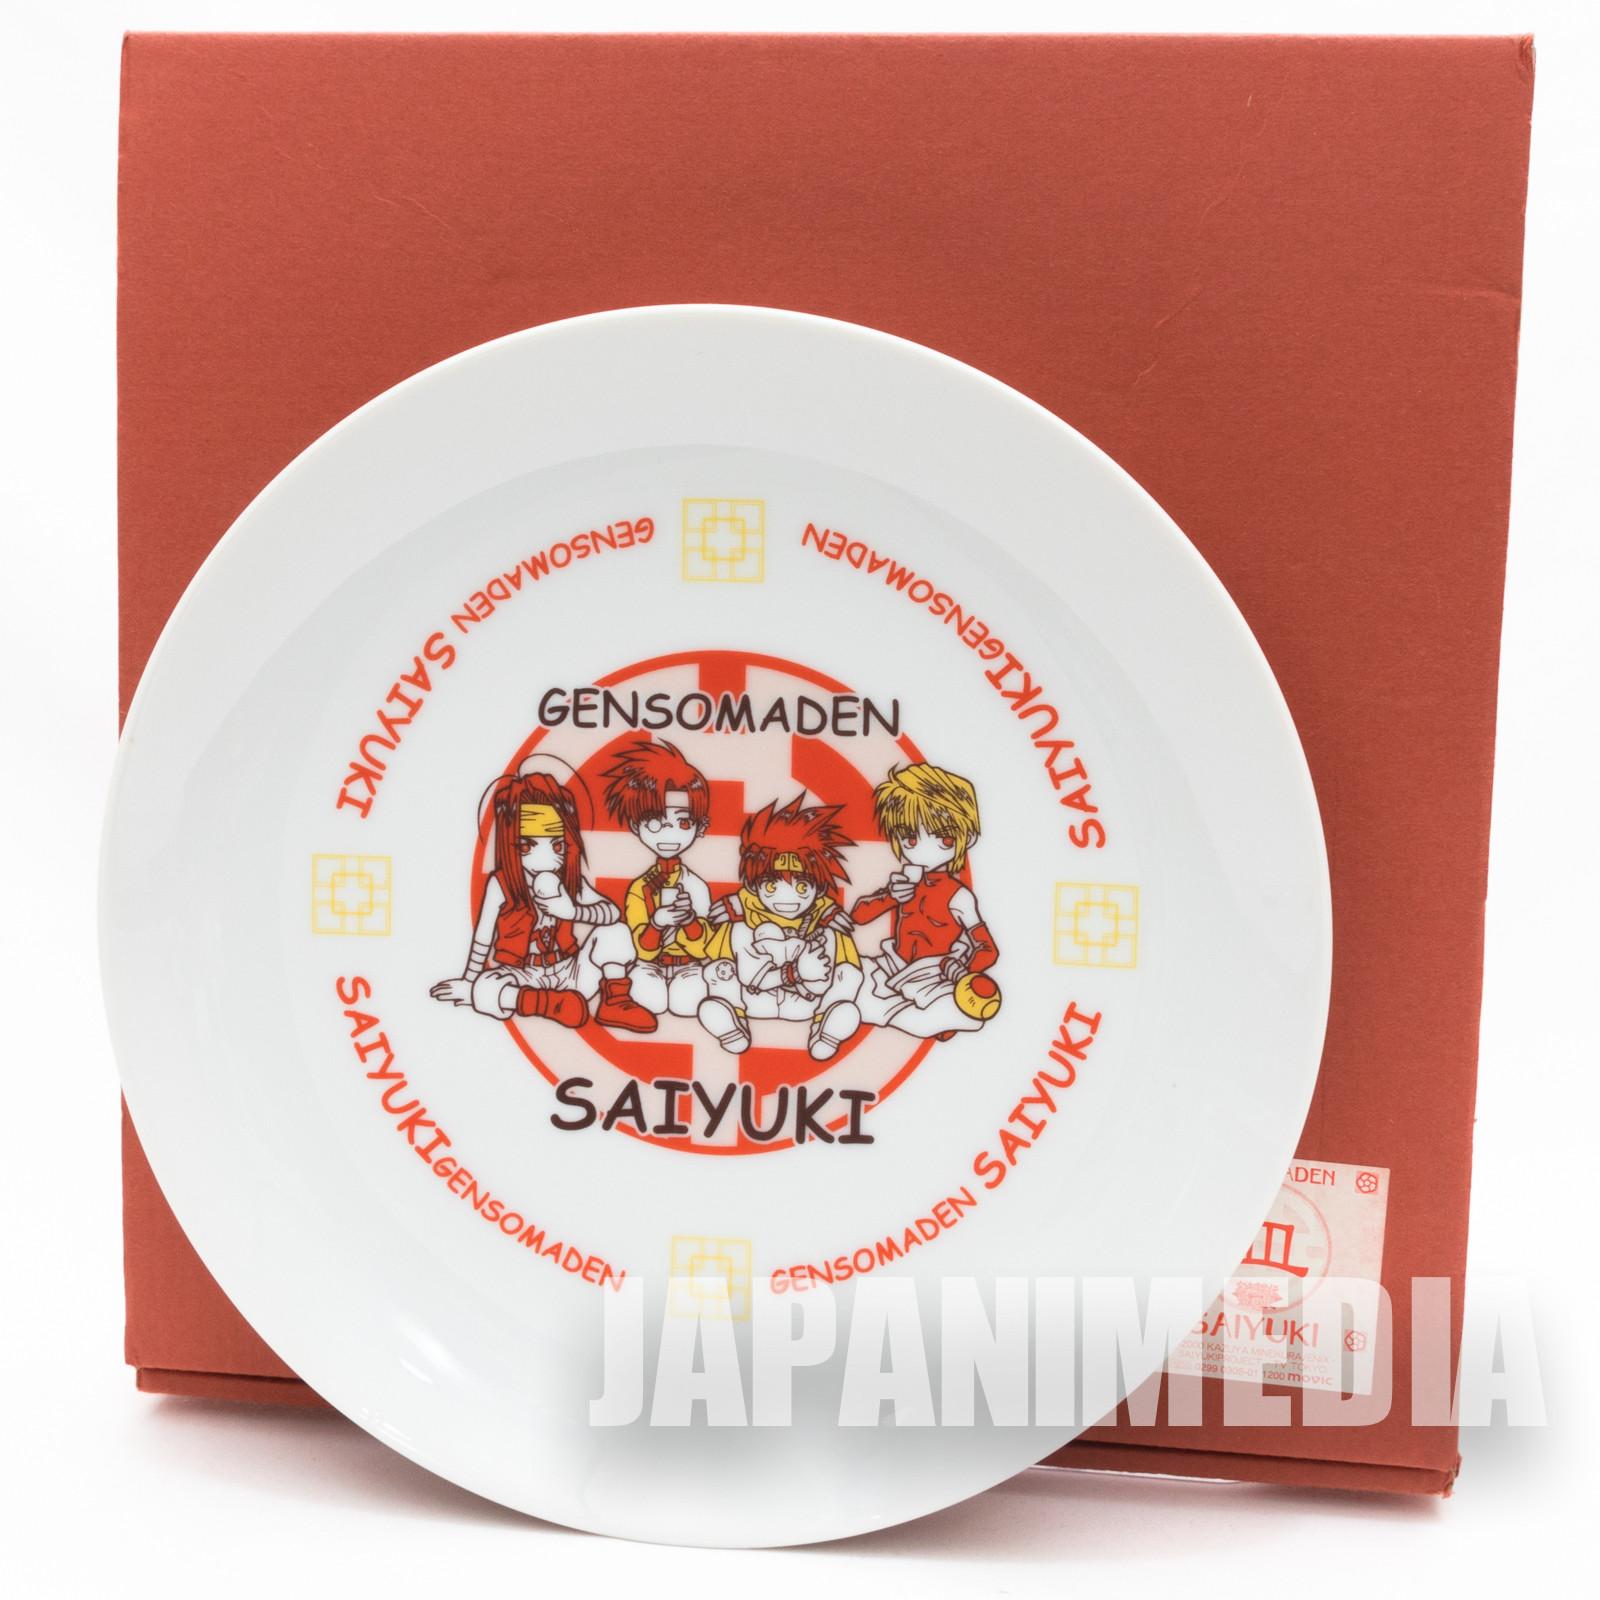 Gensomaden SAIYUKI Plate Dish Movic Kazuya Minekura JAPAN ANIME MANGA